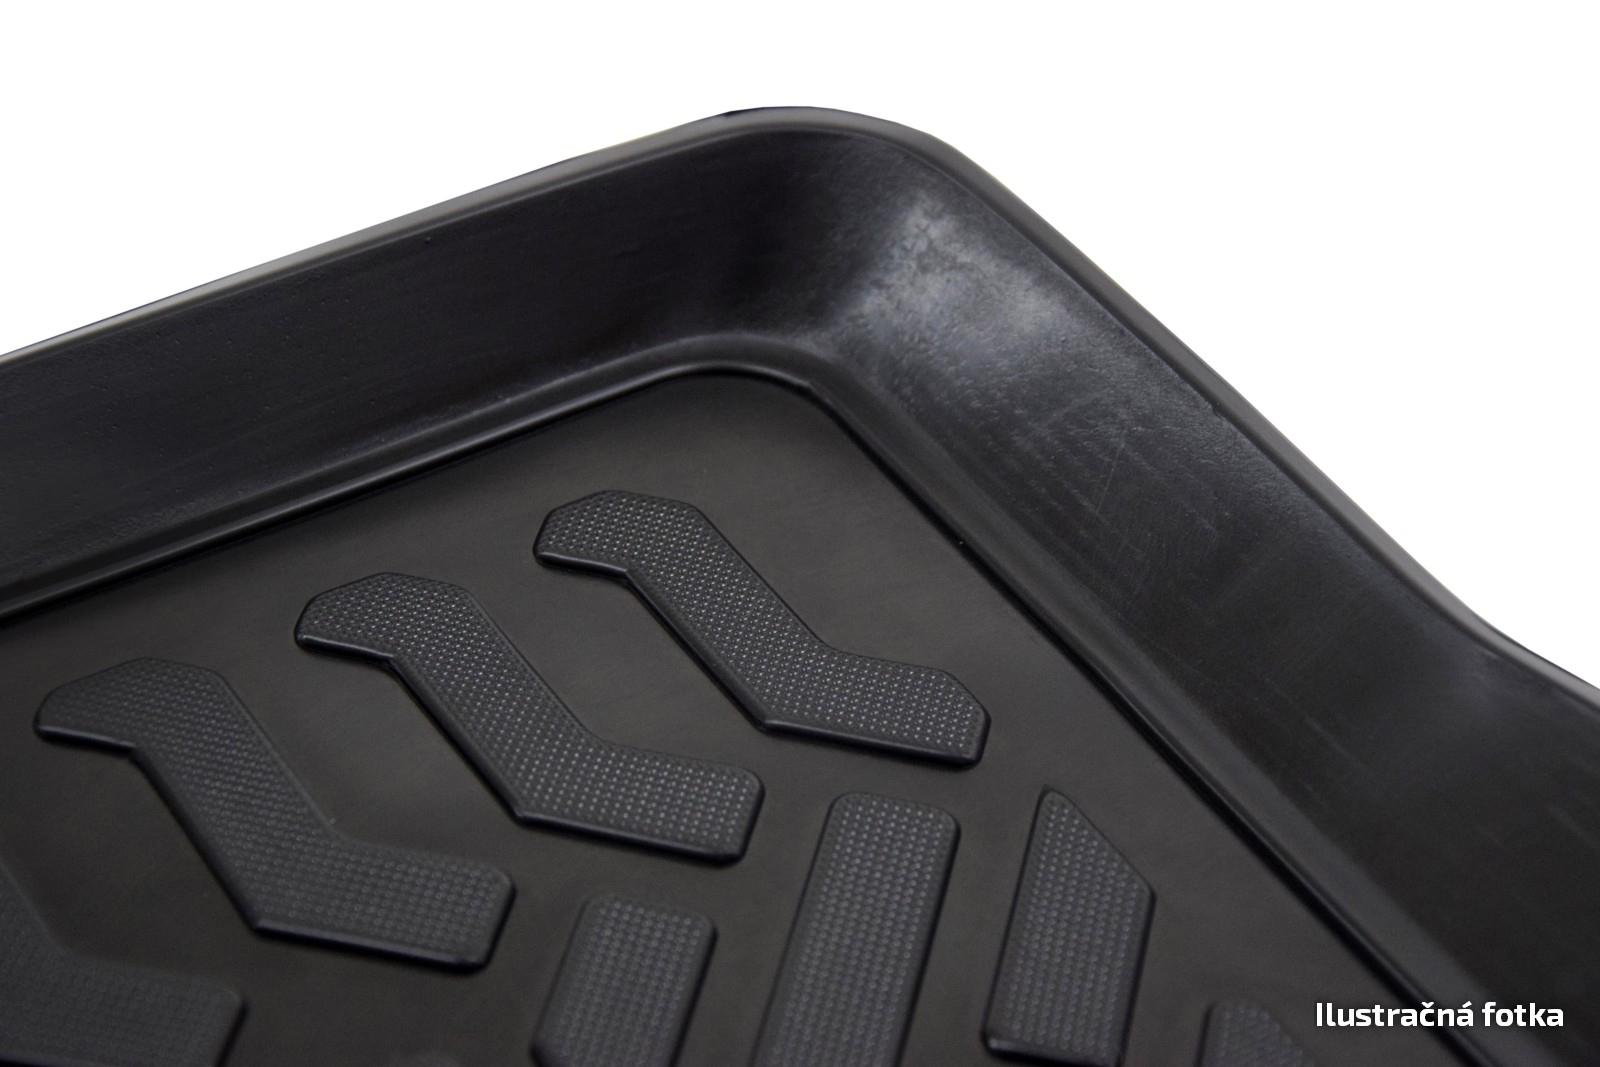 Poza cu Covorase din cauciuc tip tavita Premium, Nissan Pulsar, 2014-2018